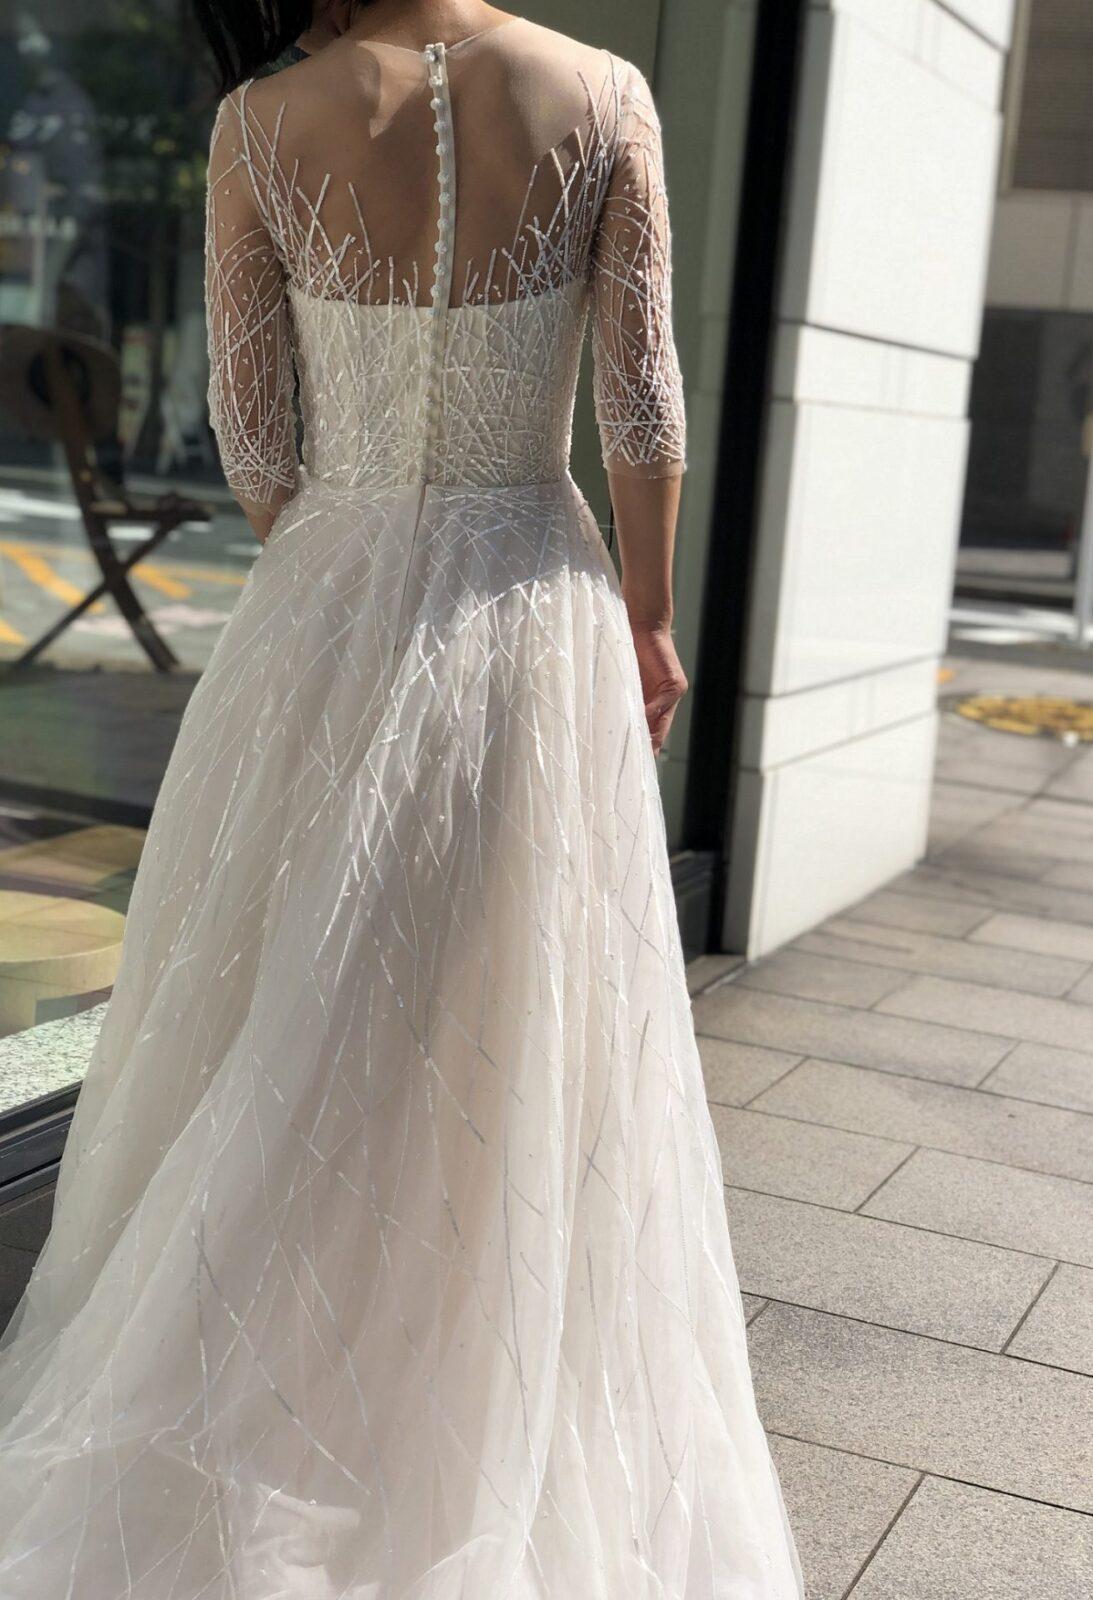 背中にあしらわれたくるみボタンとAラインシルエットがフェミニンさを演出するレンタルウェディングドレスはオシャレな花嫁様にお召しいただきたいトリートドレッシング横浜店のおすすめの1着です。